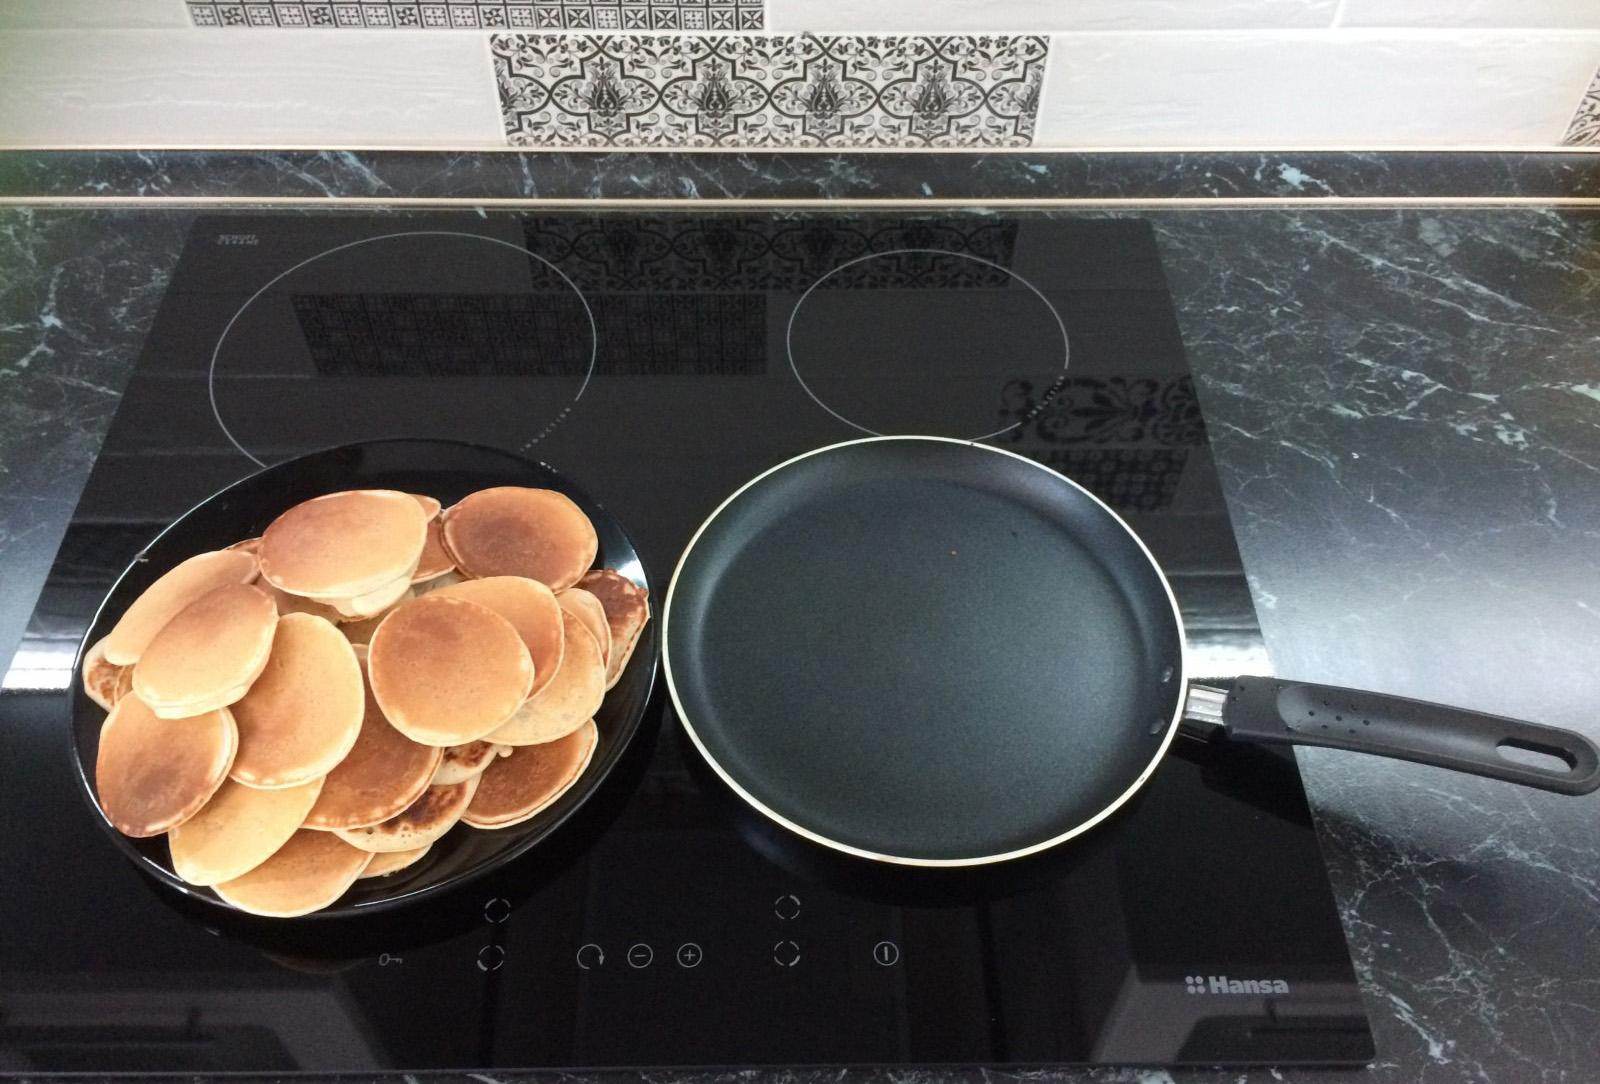 Сковородка на индукционной плите